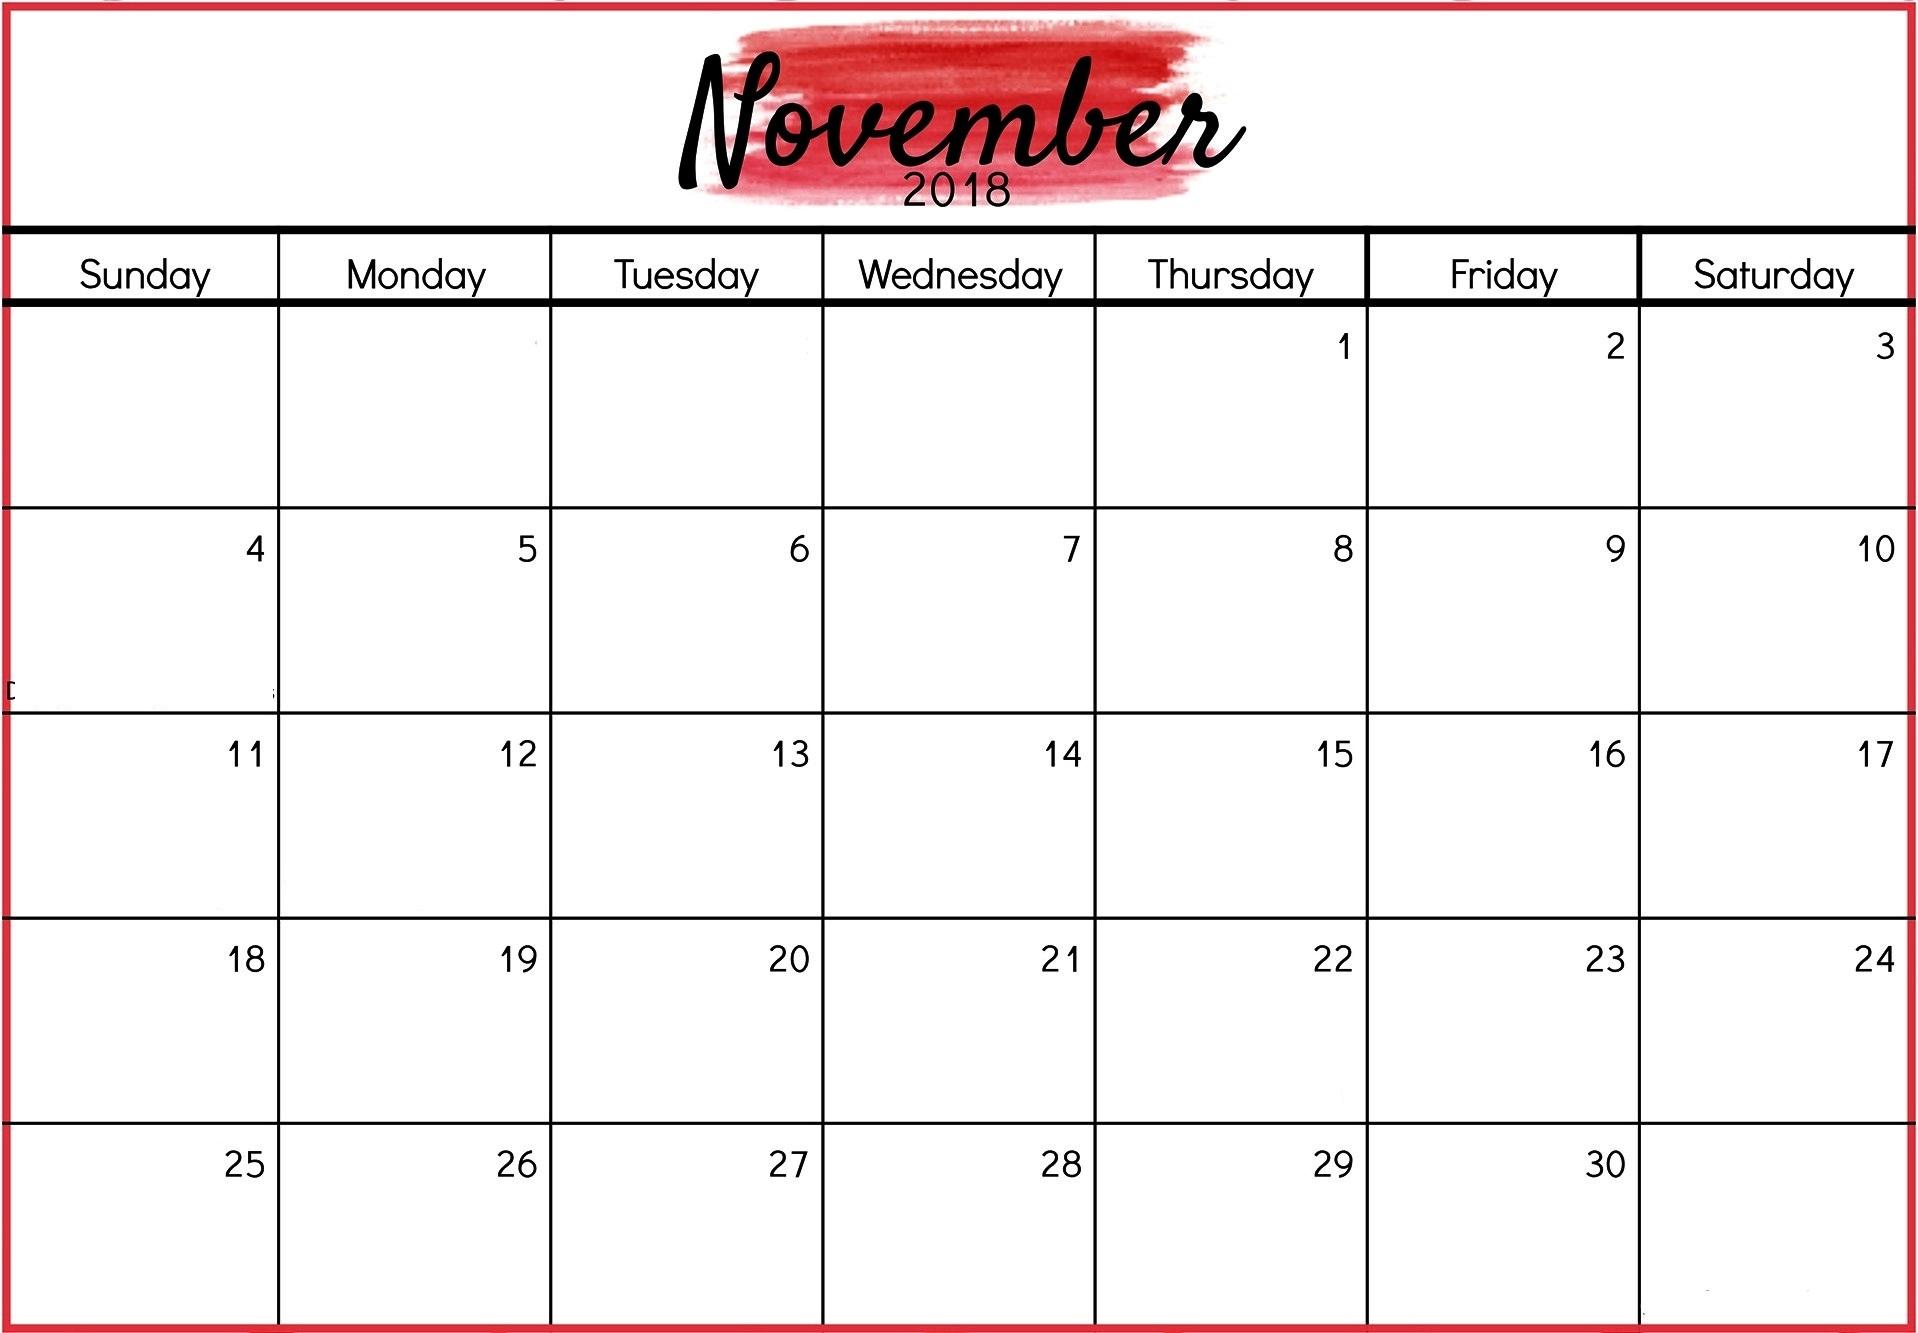 printable calendar november 2018 editable design printable Editable November 2018 Calendar erdferdf